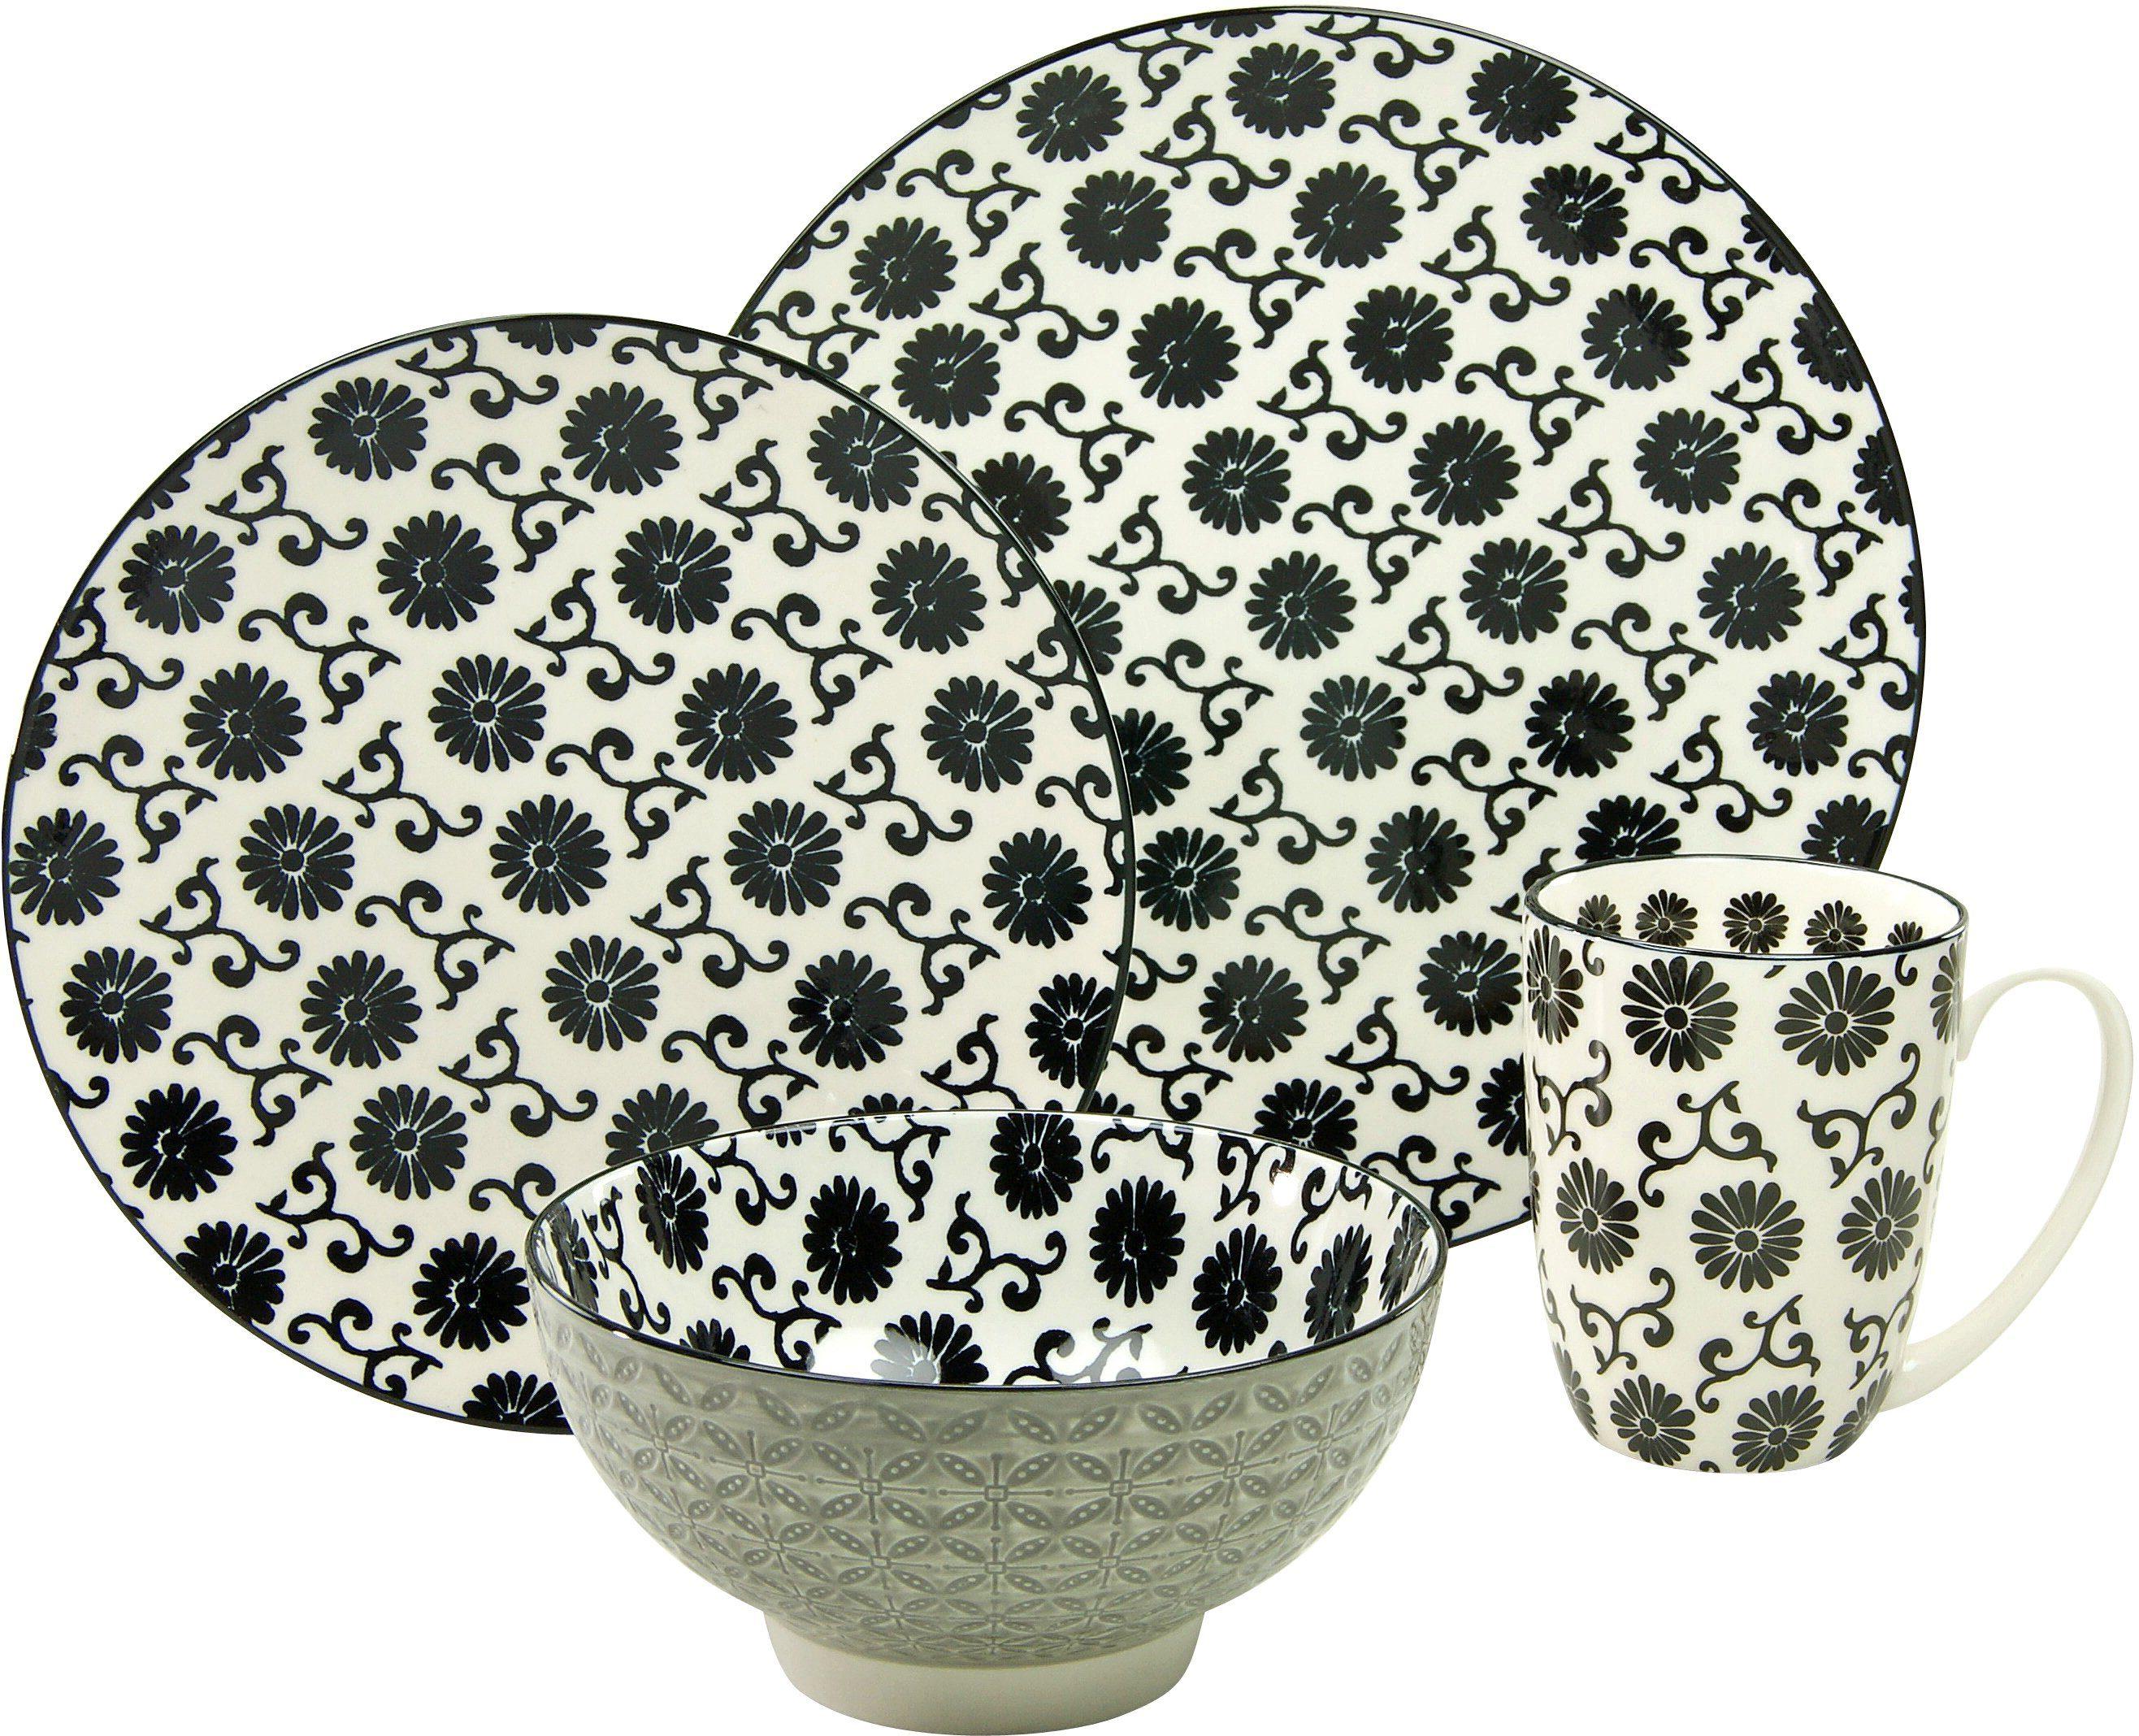 CreaTable Single Geschirr-Set, Steinzeug, 4-teilig, Dekor Flower, »New Style black«